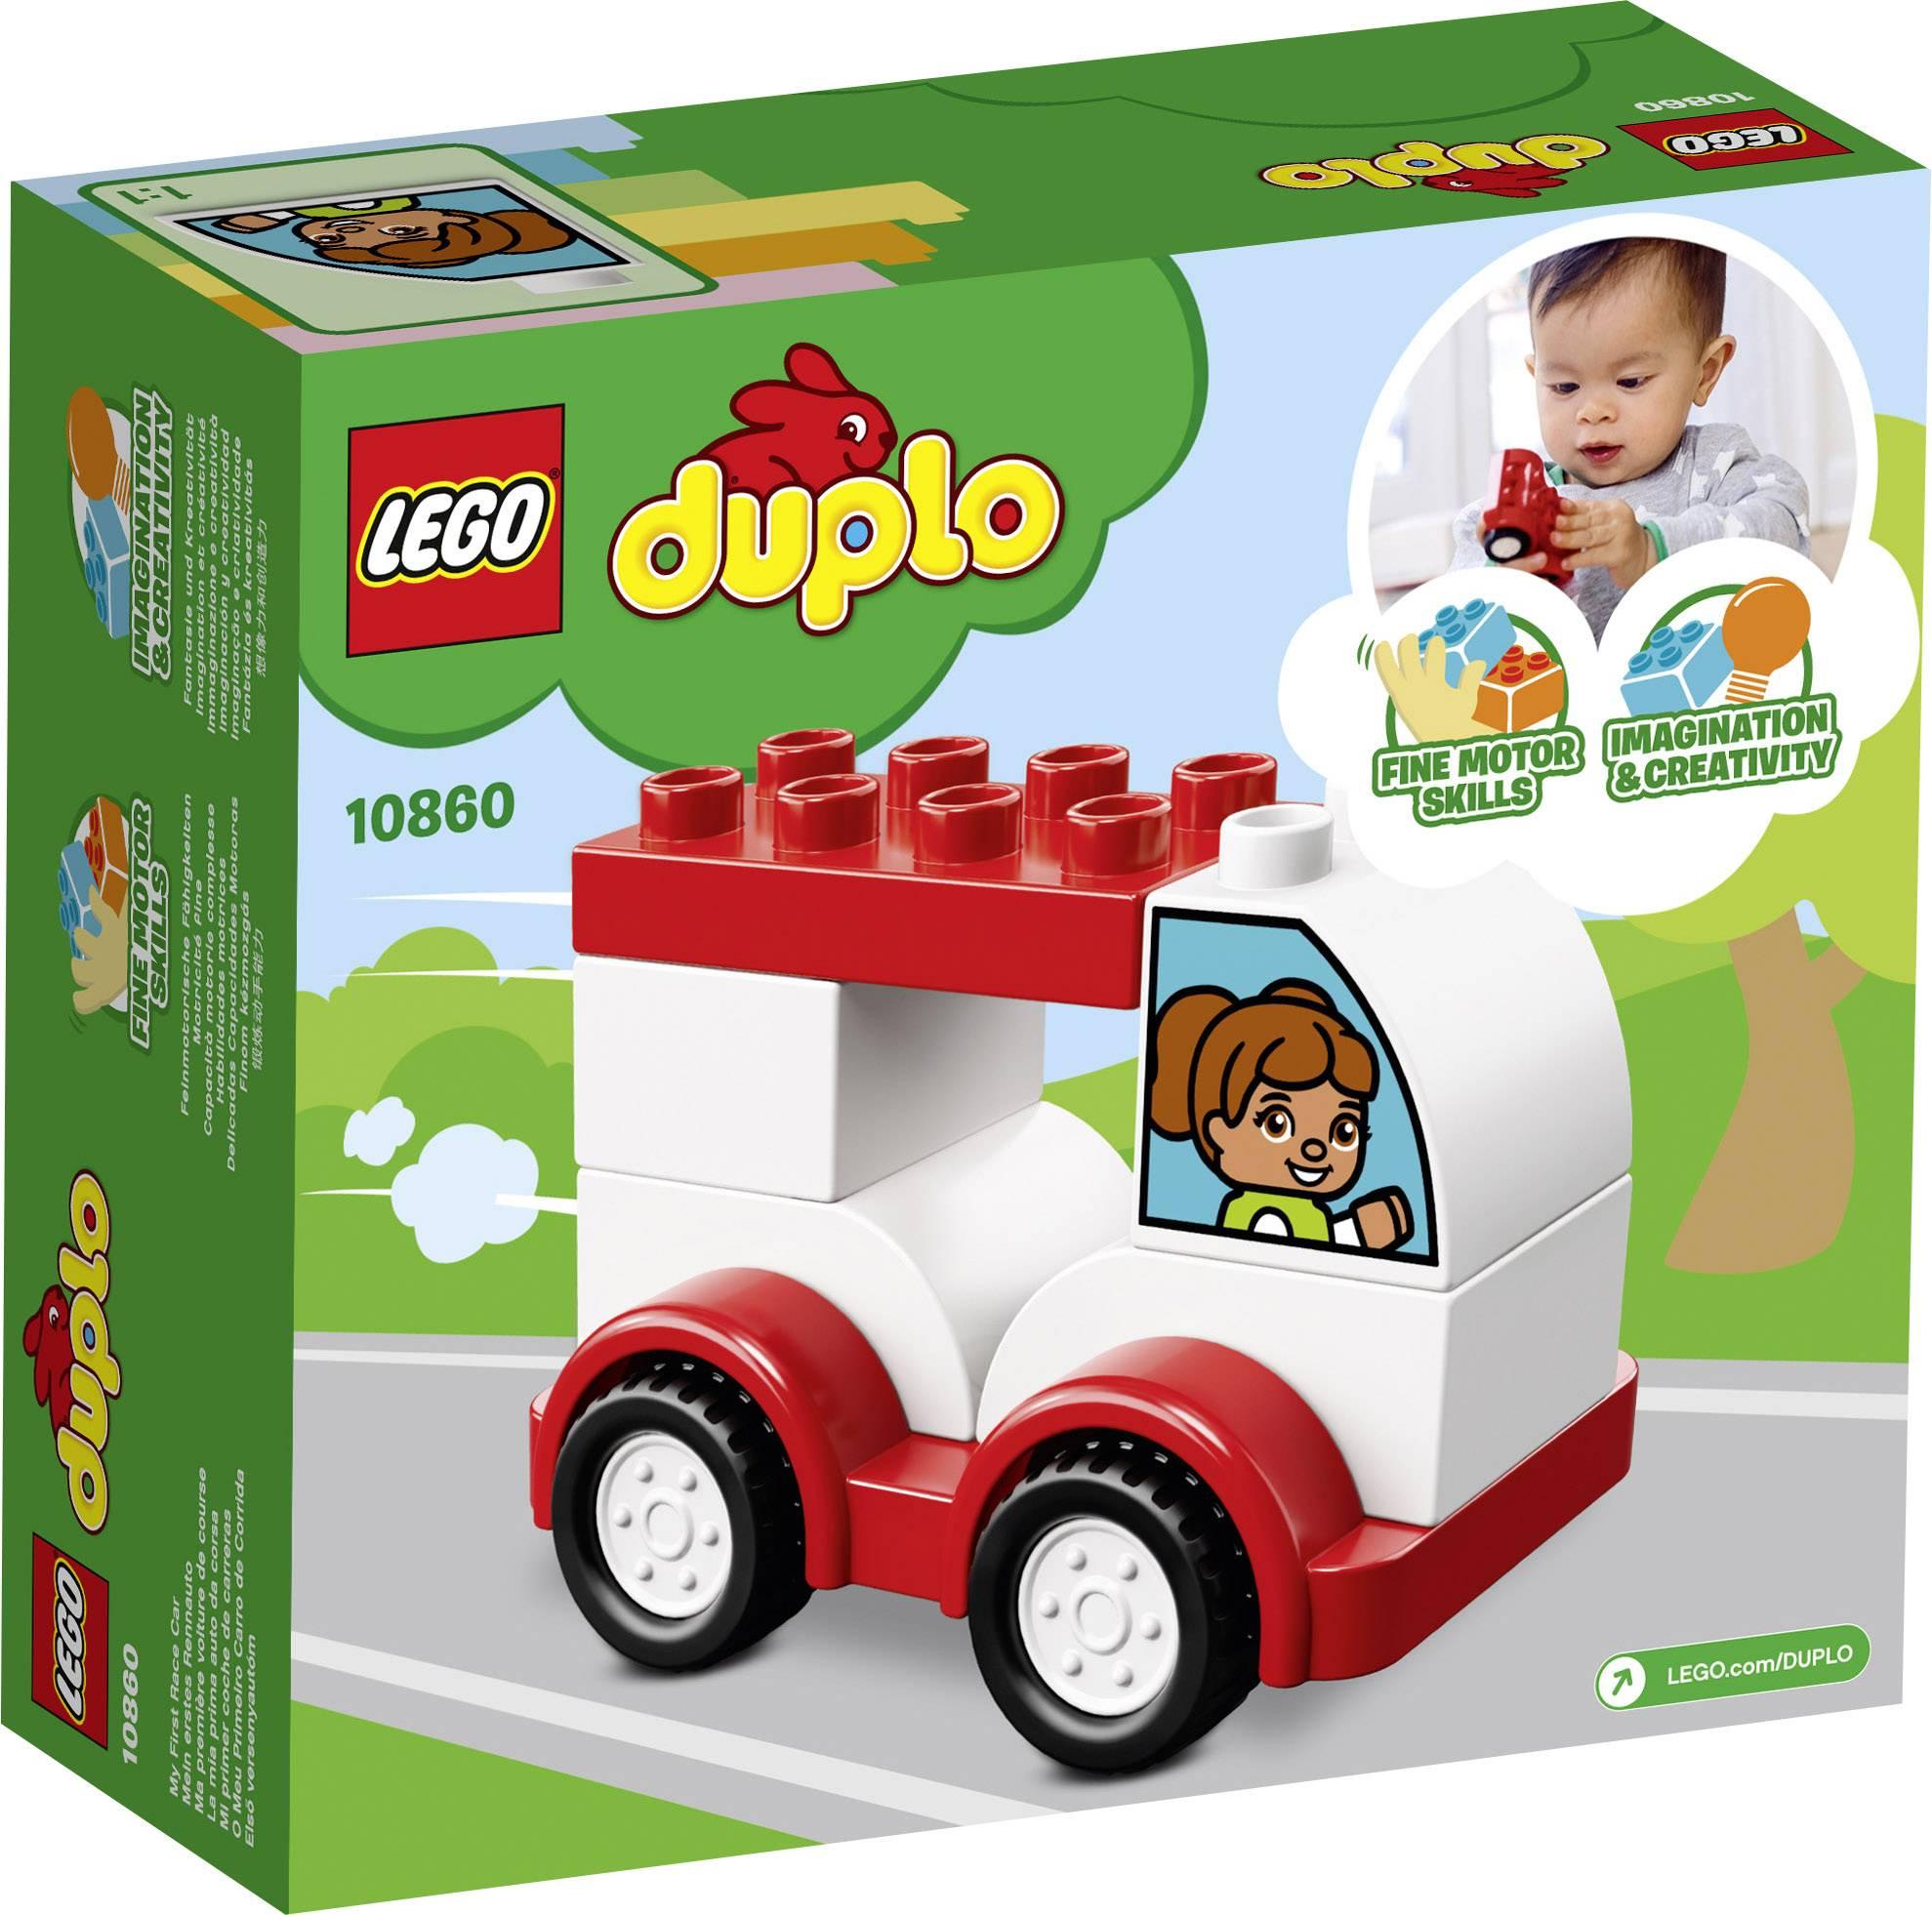 Lego Duplo 10860 My First Racing Car Conradcom